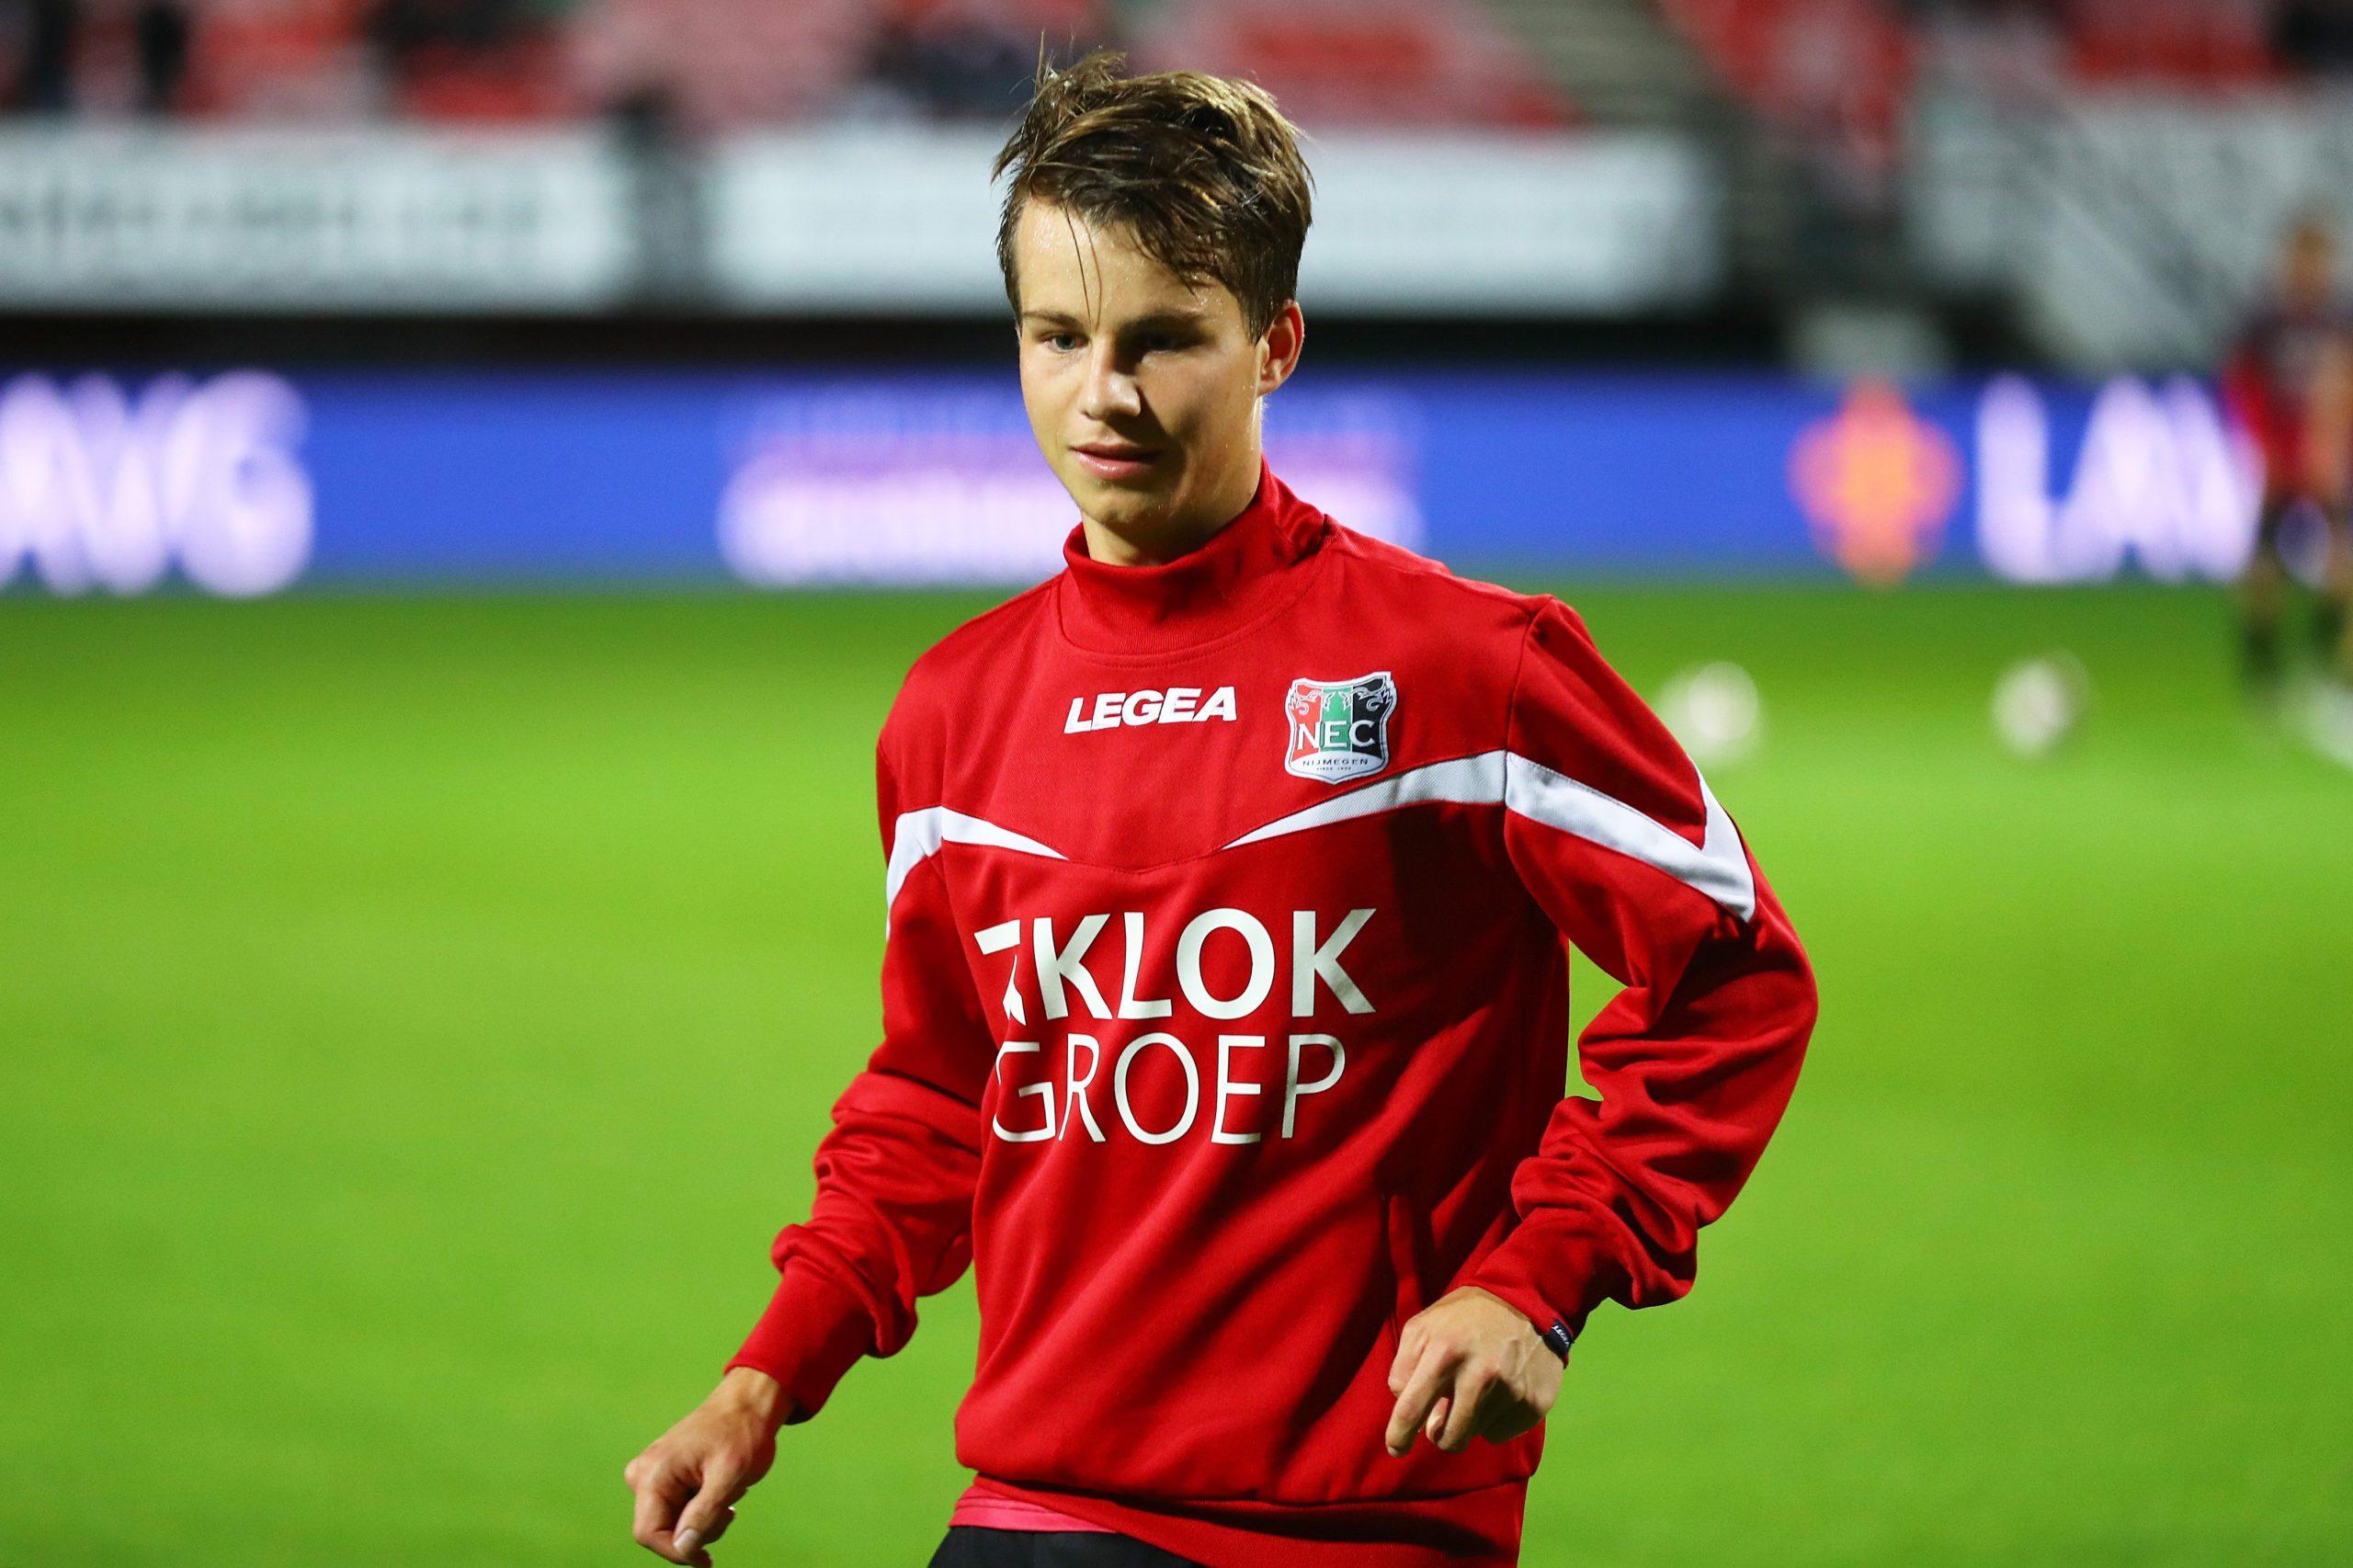 Voorbeschouwing: NEC met vertrouwen thuis tegen Almere City FC